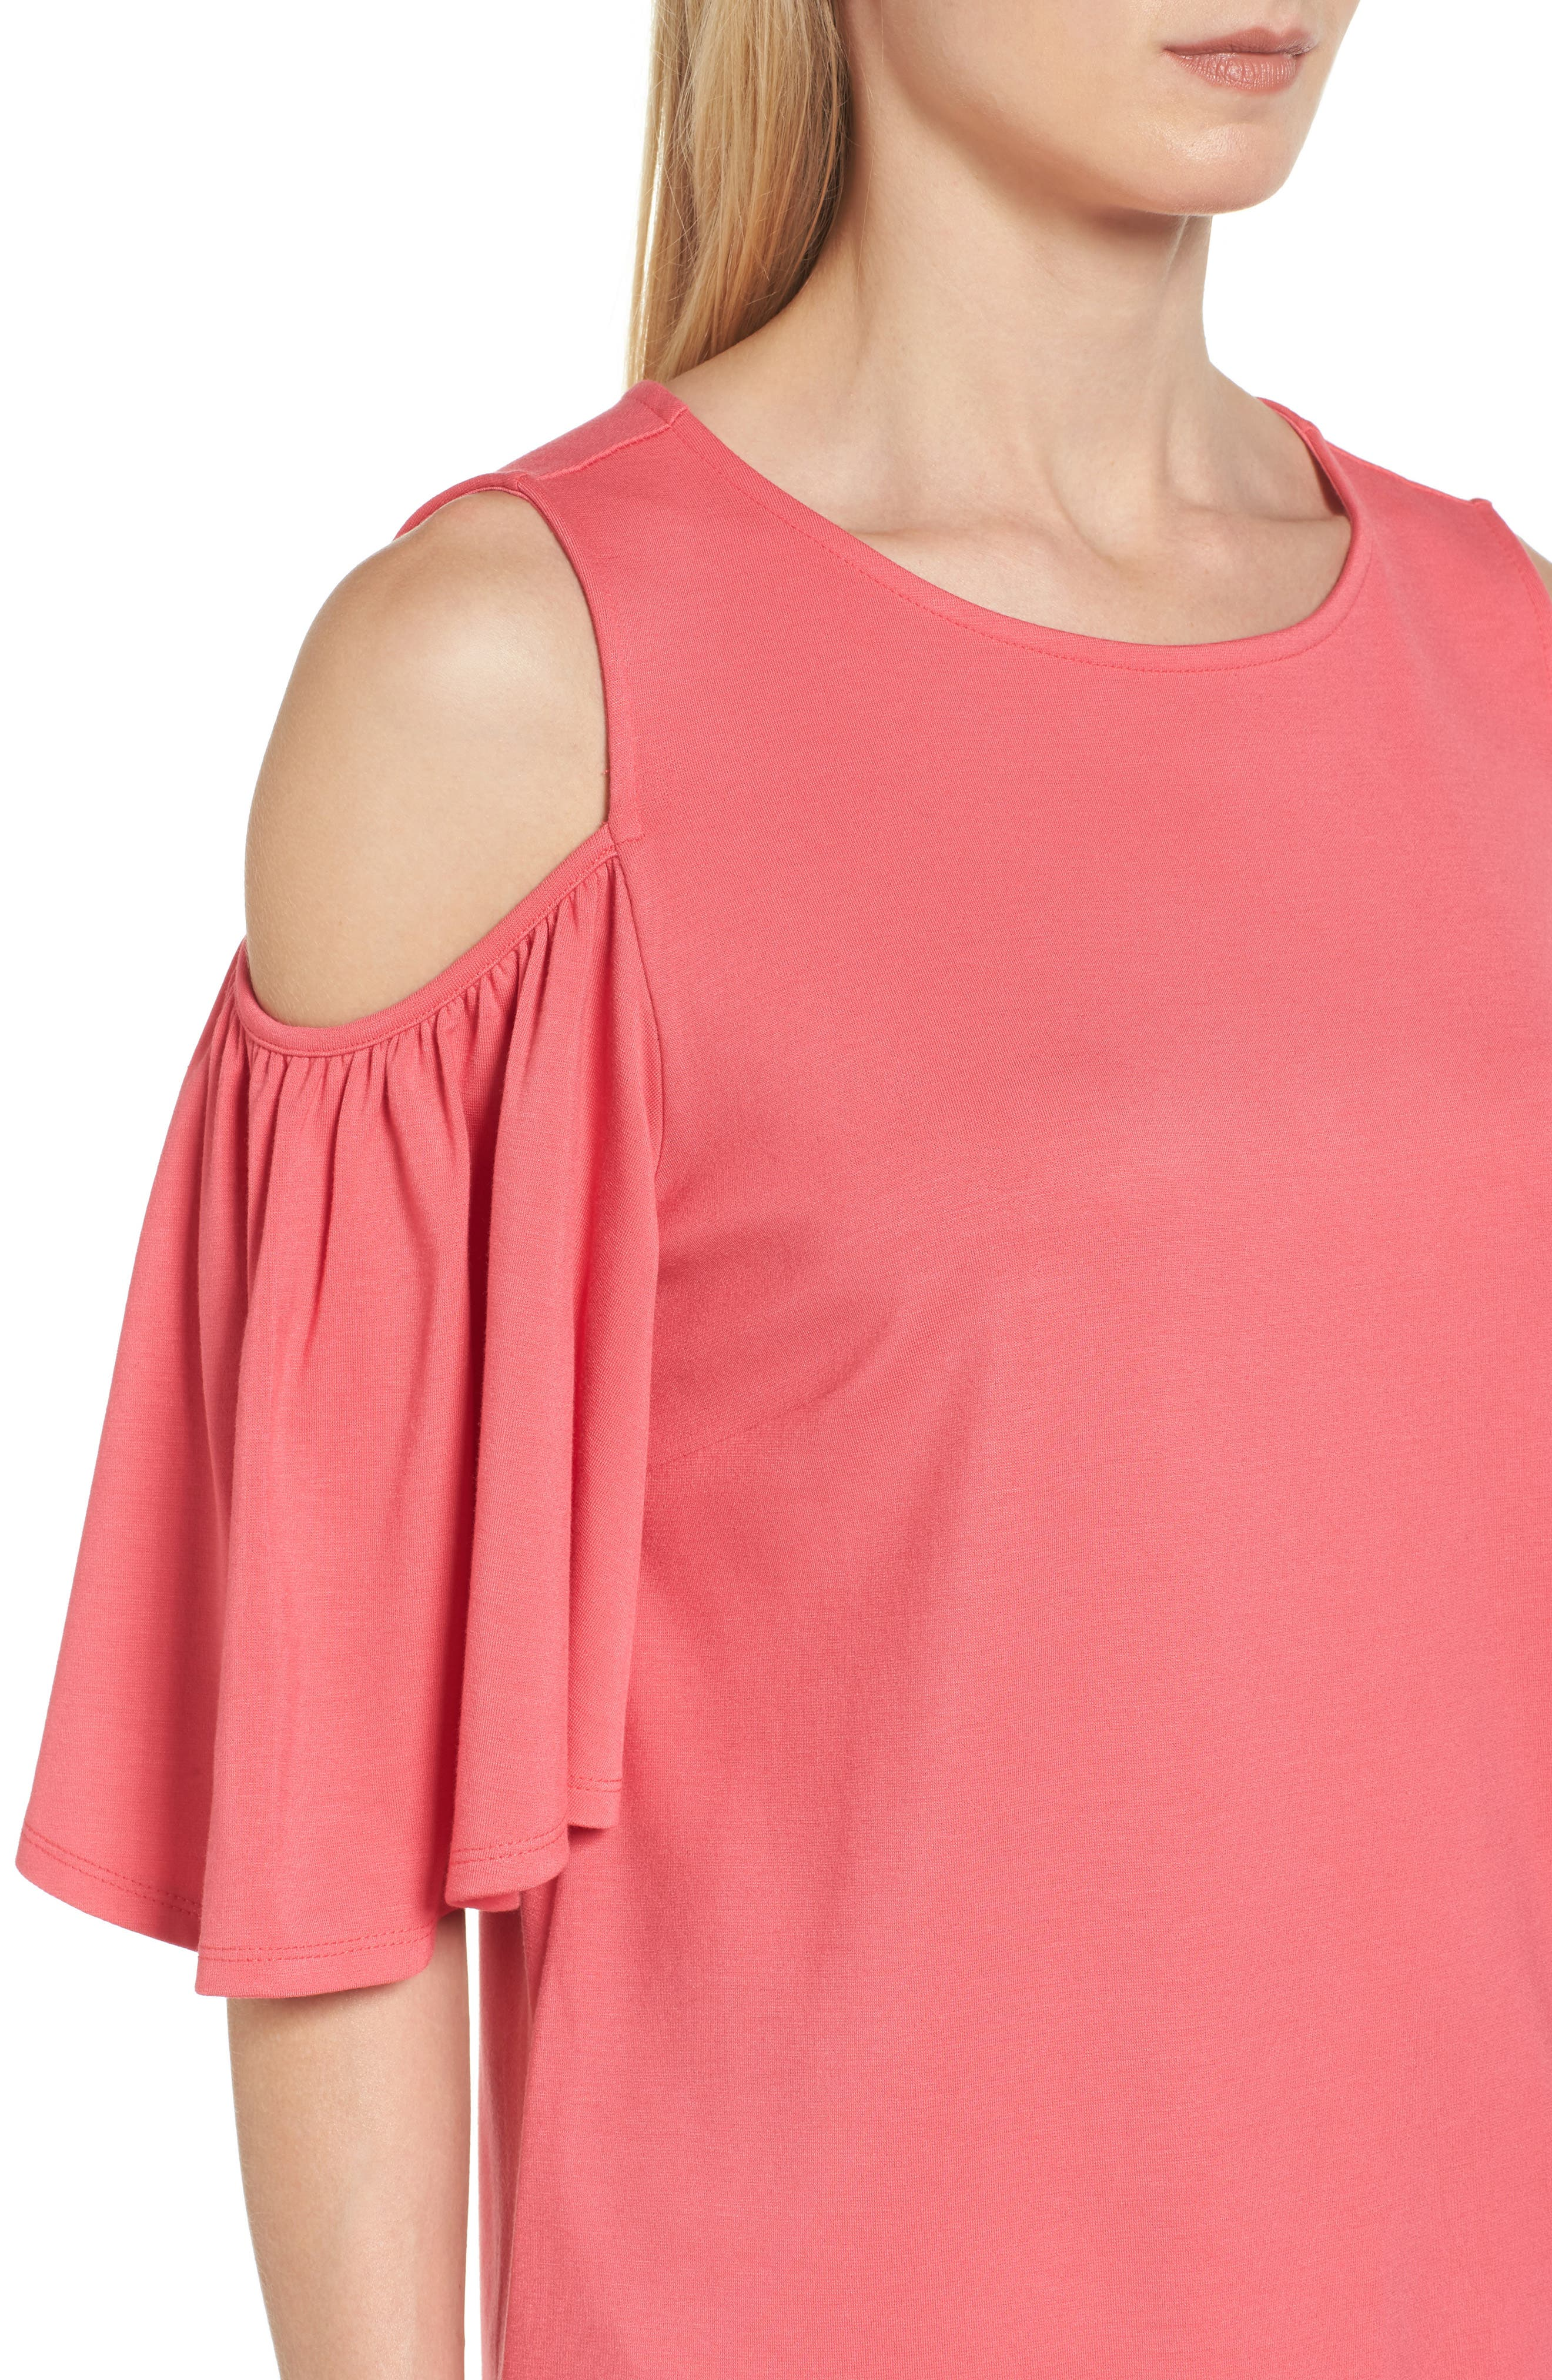 Alternate Image 4  - Halogen® Knit Cold Shoulder Top (Regular & Petite)